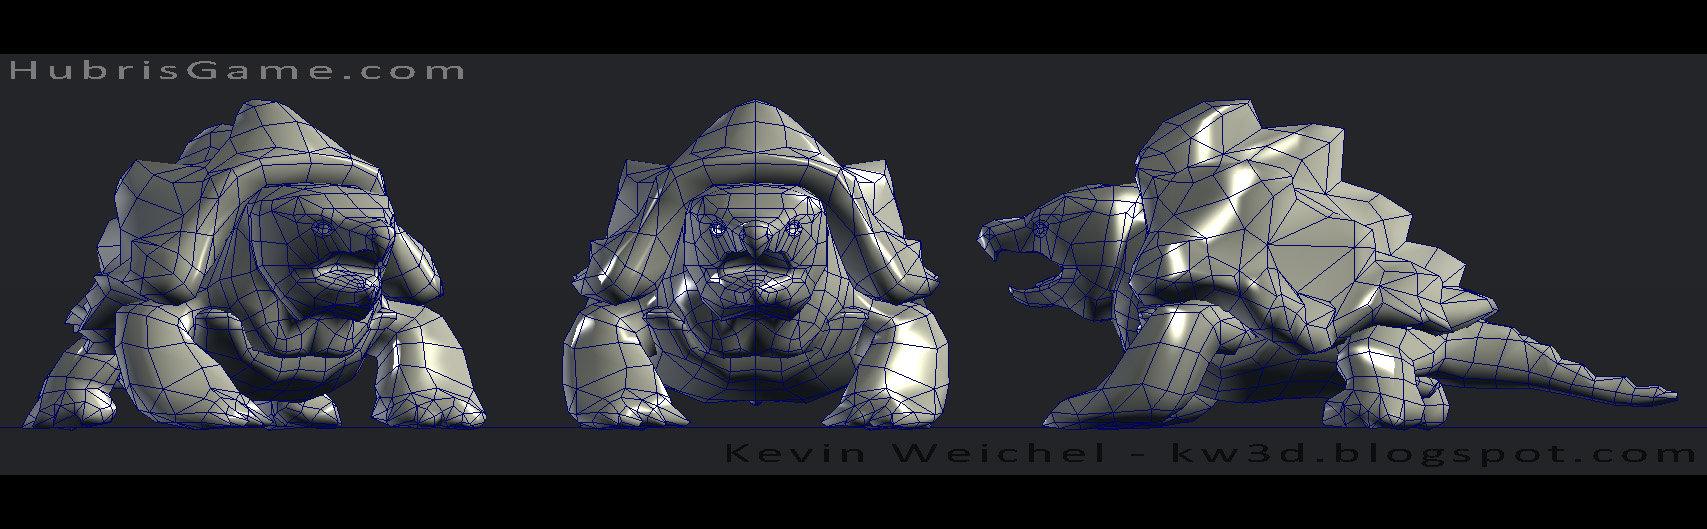 Kevin weichel turtlewipwires